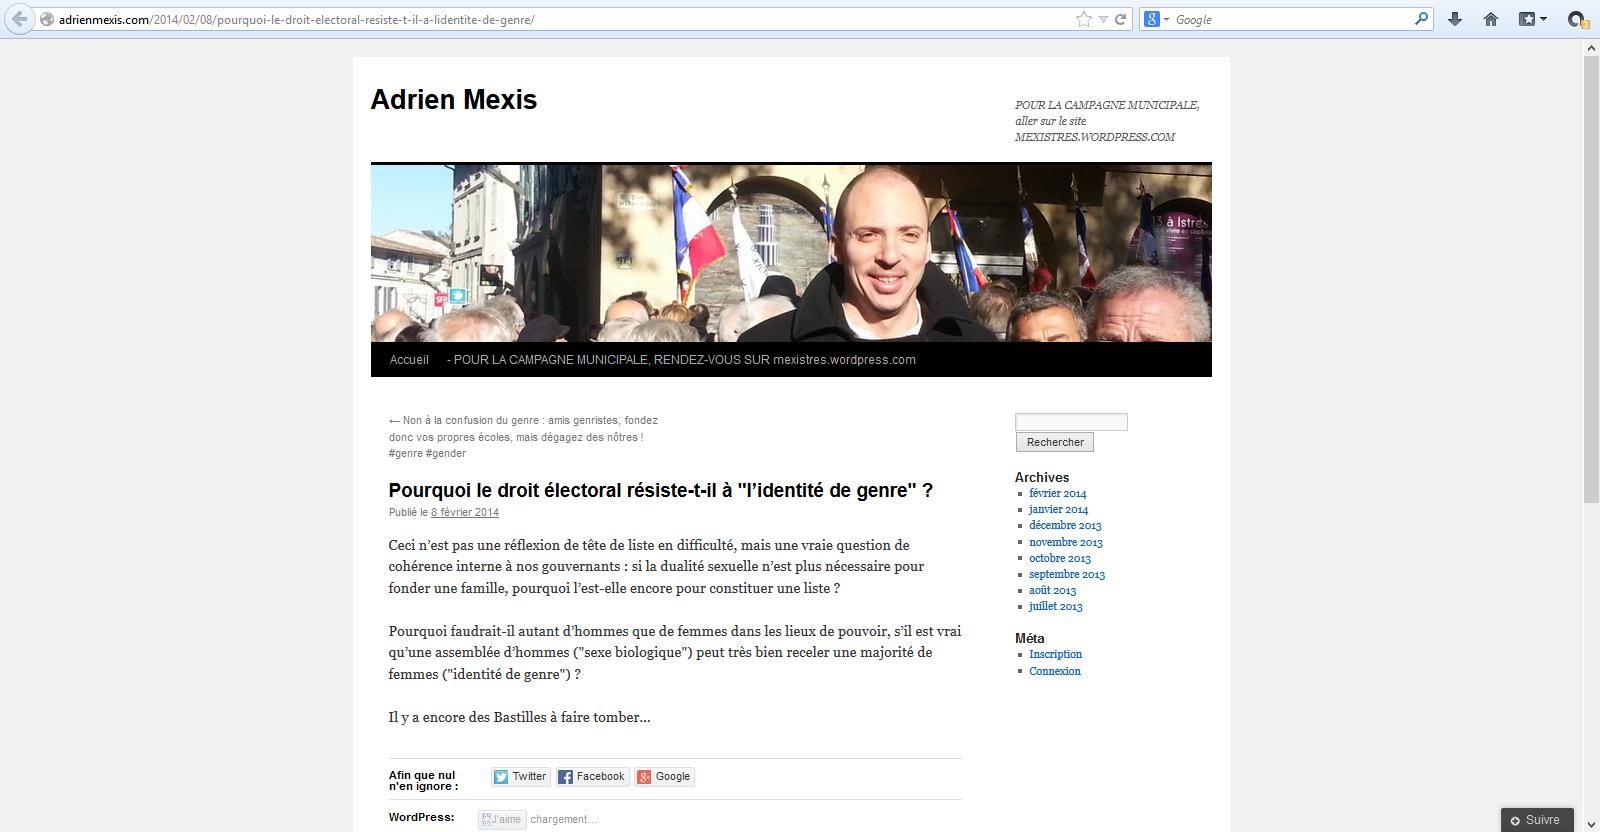 Adrien-Mexis-Droit-electoral-et-theorie-du-genre